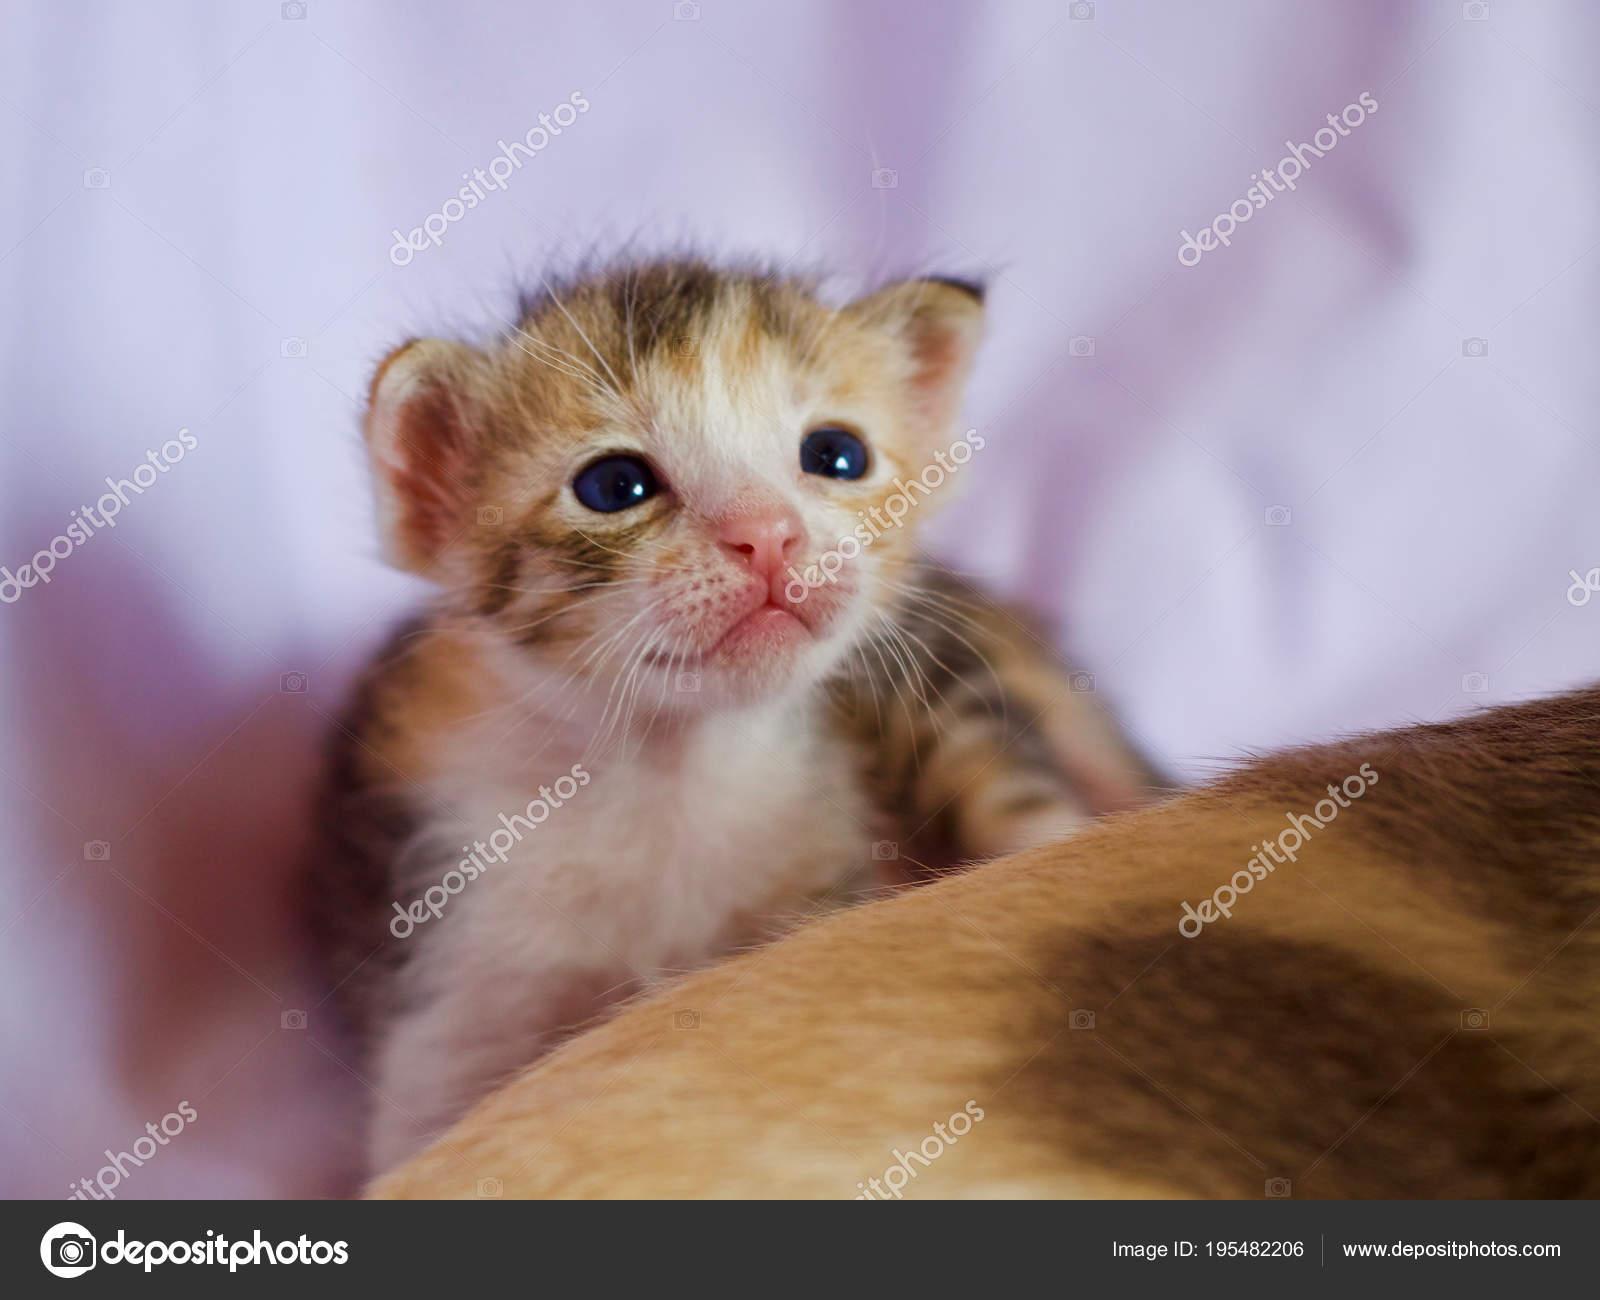 Kitten Cute Animals Kitten Cat Baby Cute Animal Stock Photo C Incubus 2525 Hotmail Com 195482206